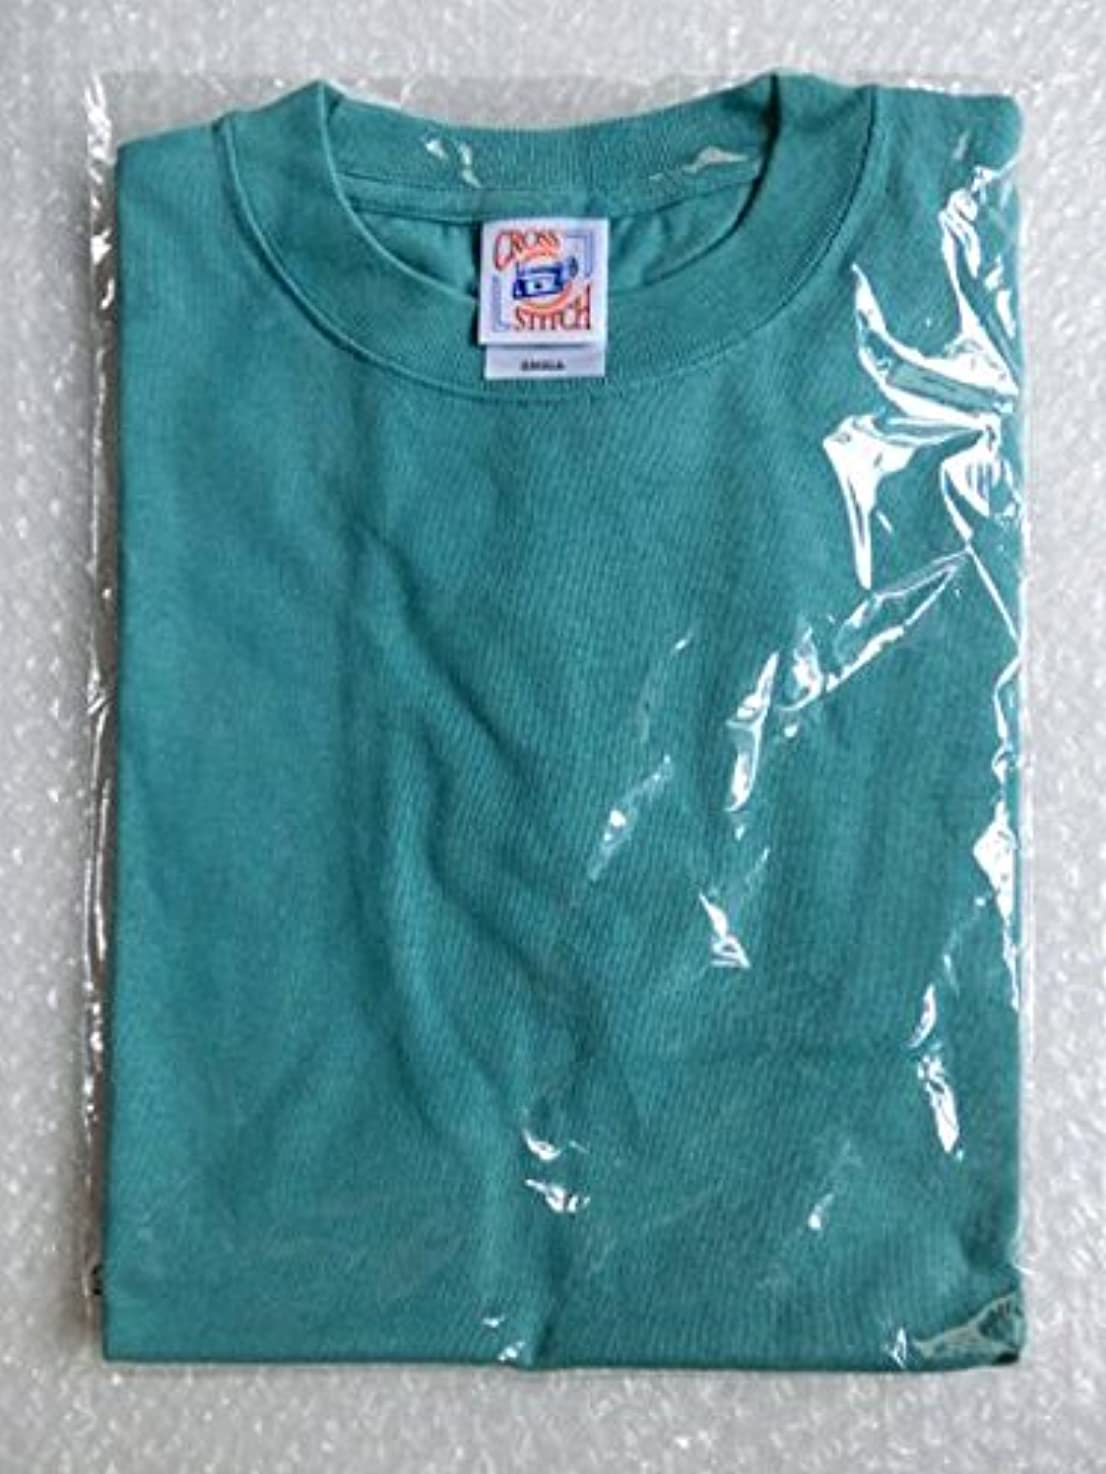 更新するスリム消えるPerfume パフューム 2008年 夏Tシャツ オーシャン Sサイズ